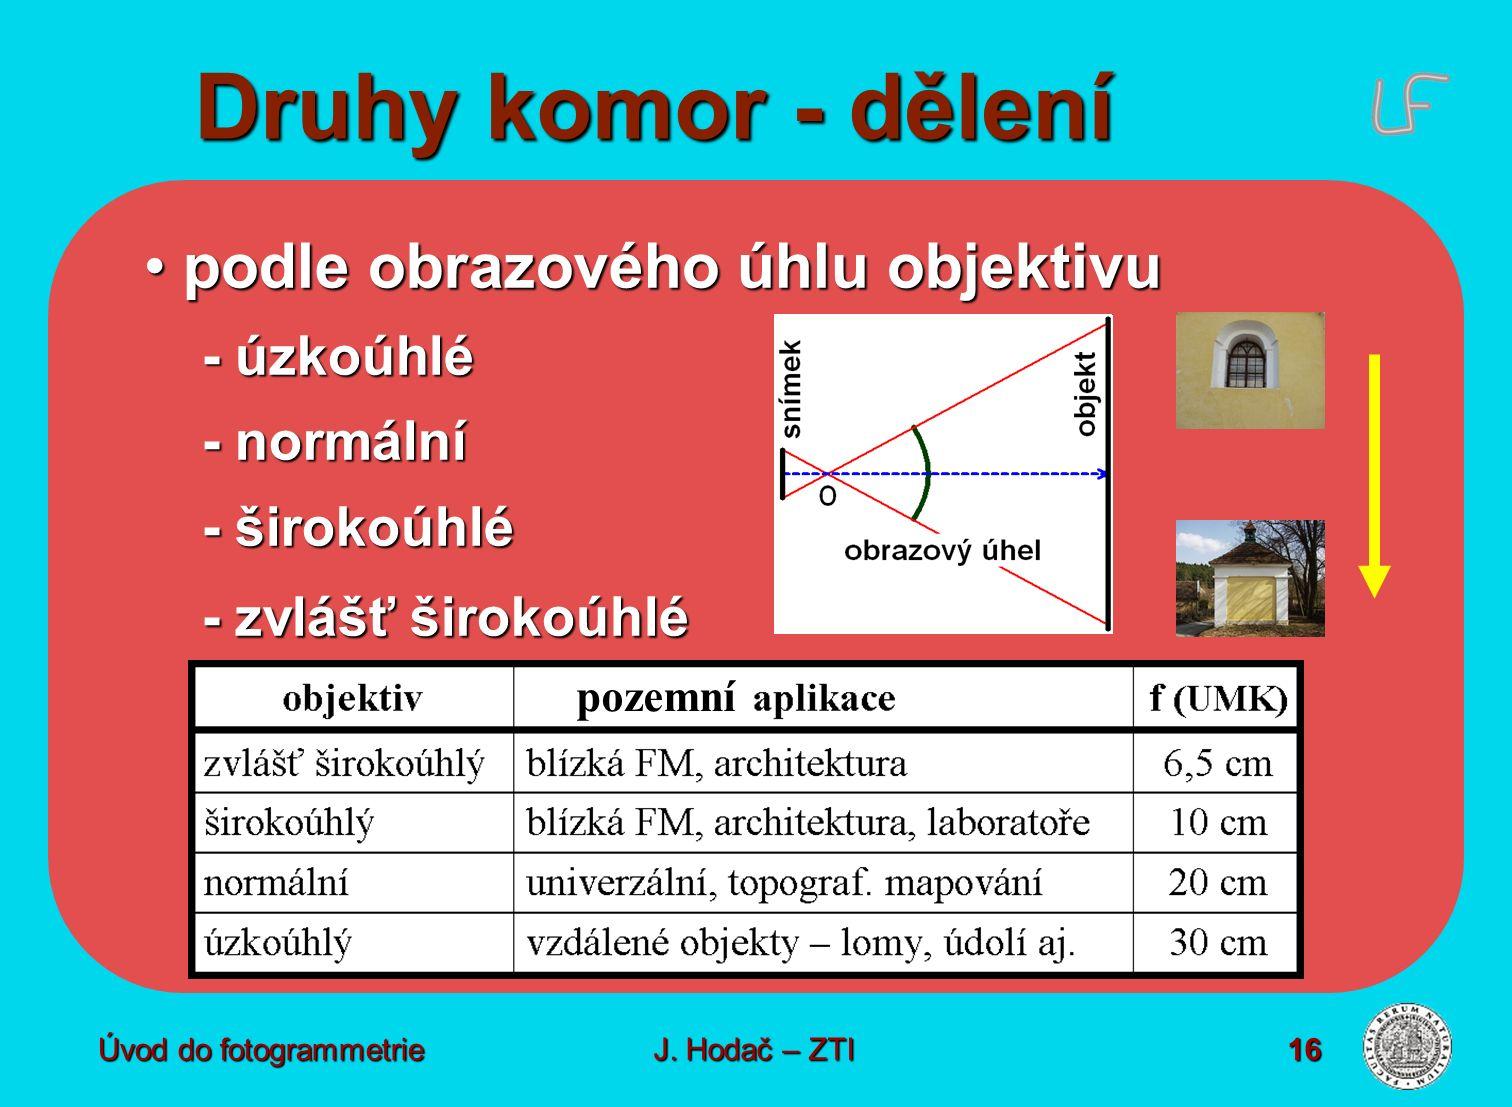 Druhy komor - dělení podle obrazového úhlu objektivu - úzkoúhlé